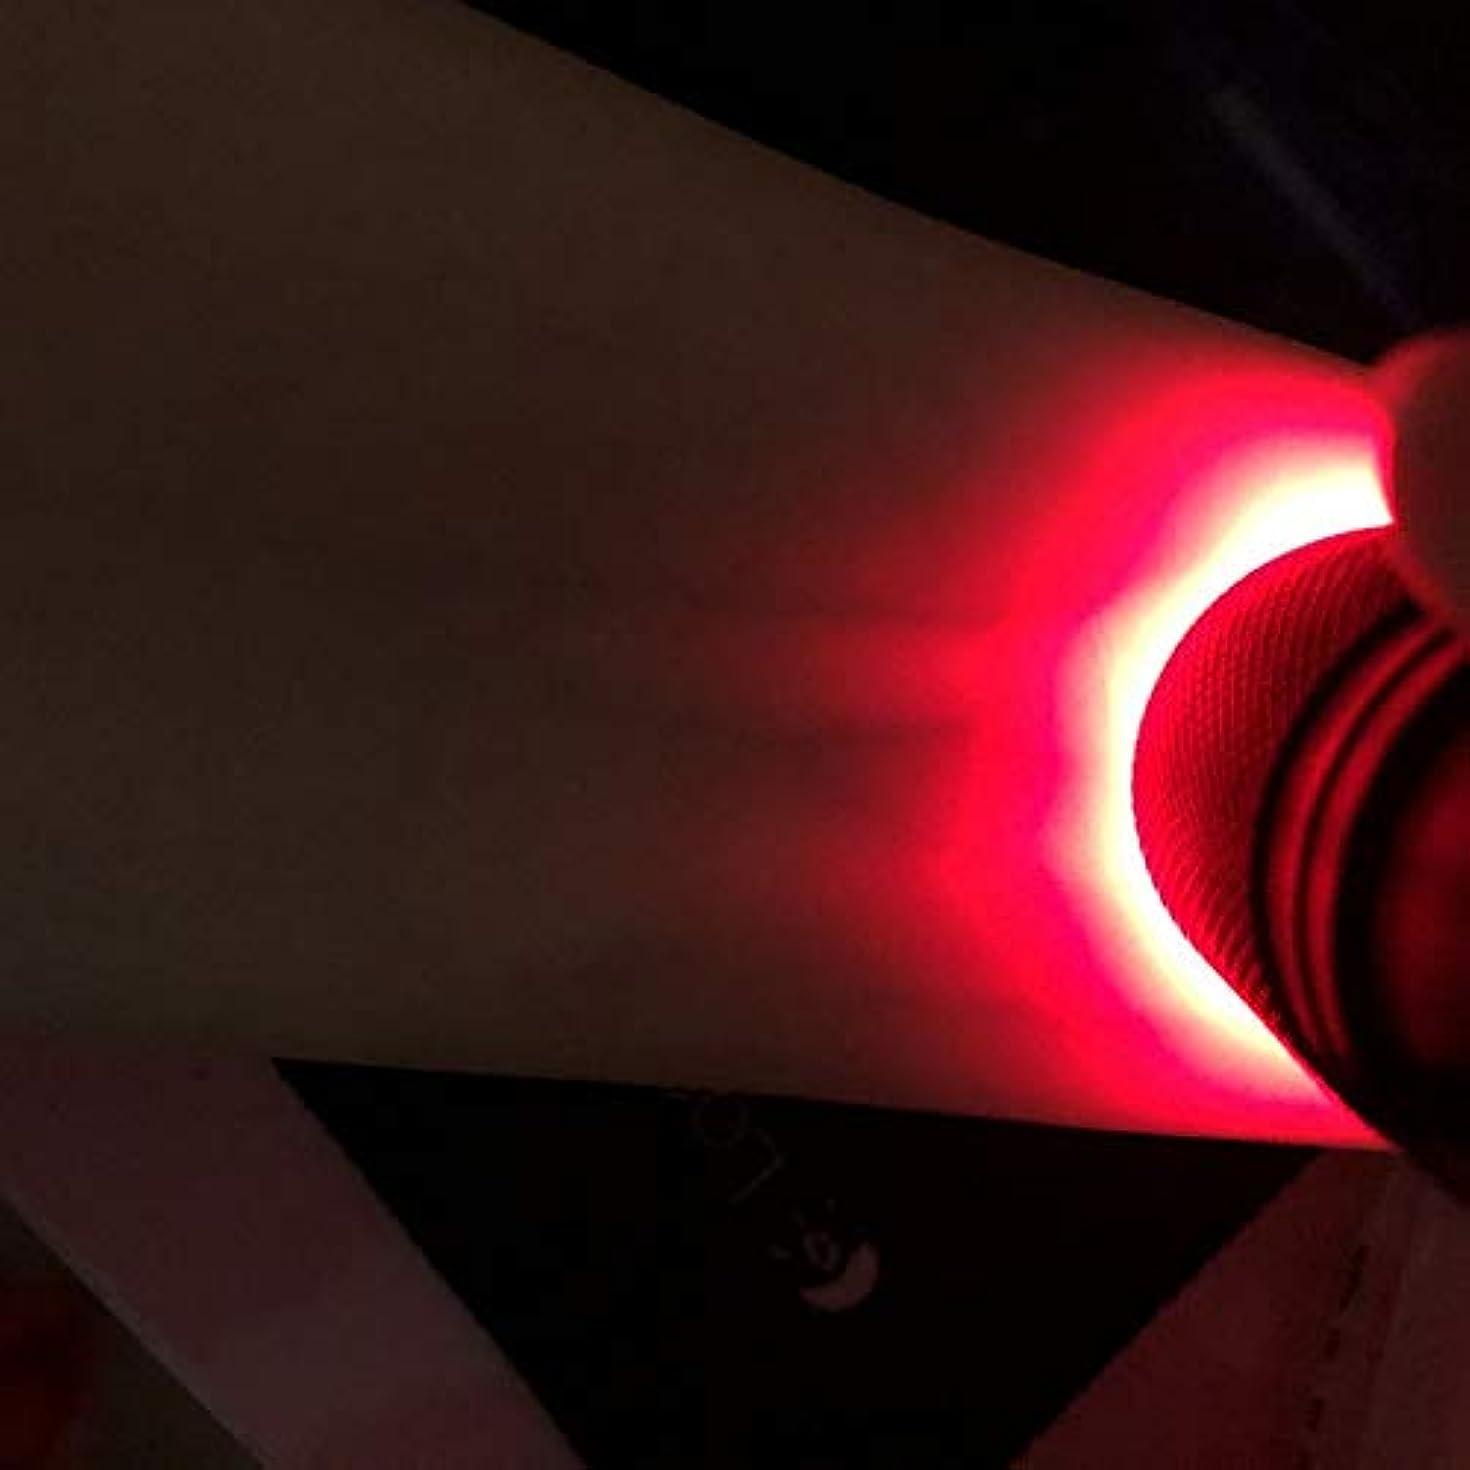 豊富急降下破壊する静脈イメージング懐中電灯血管ディスプレイ懐中電灯手穿刺による血管ライトの確認皮下静脈デバイスの発見が容易